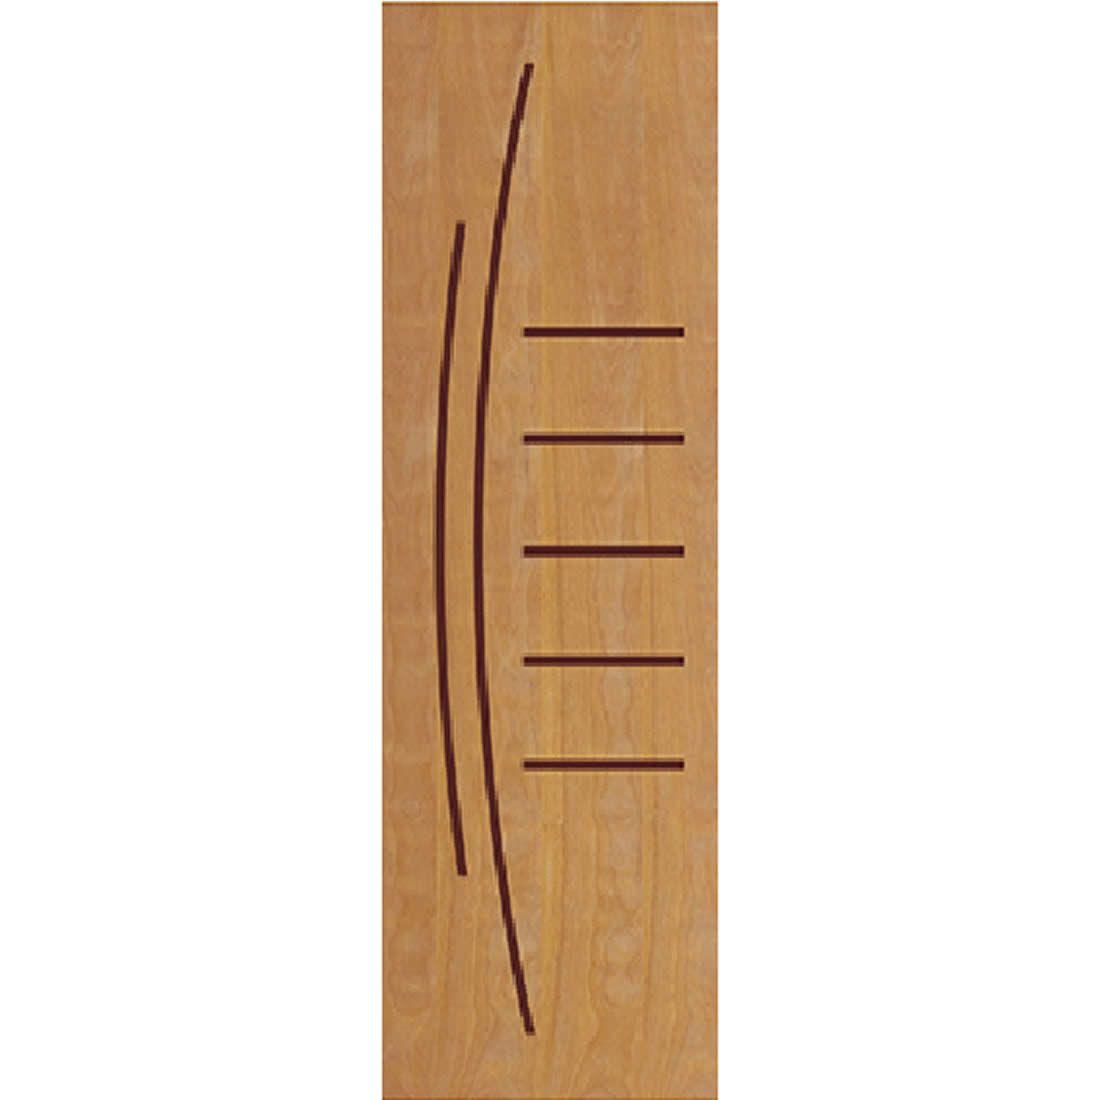 Porta 2,10 x 0,60m em Madeira Curupixa Semi Sólida Modelo 12 Frisada JB Paes